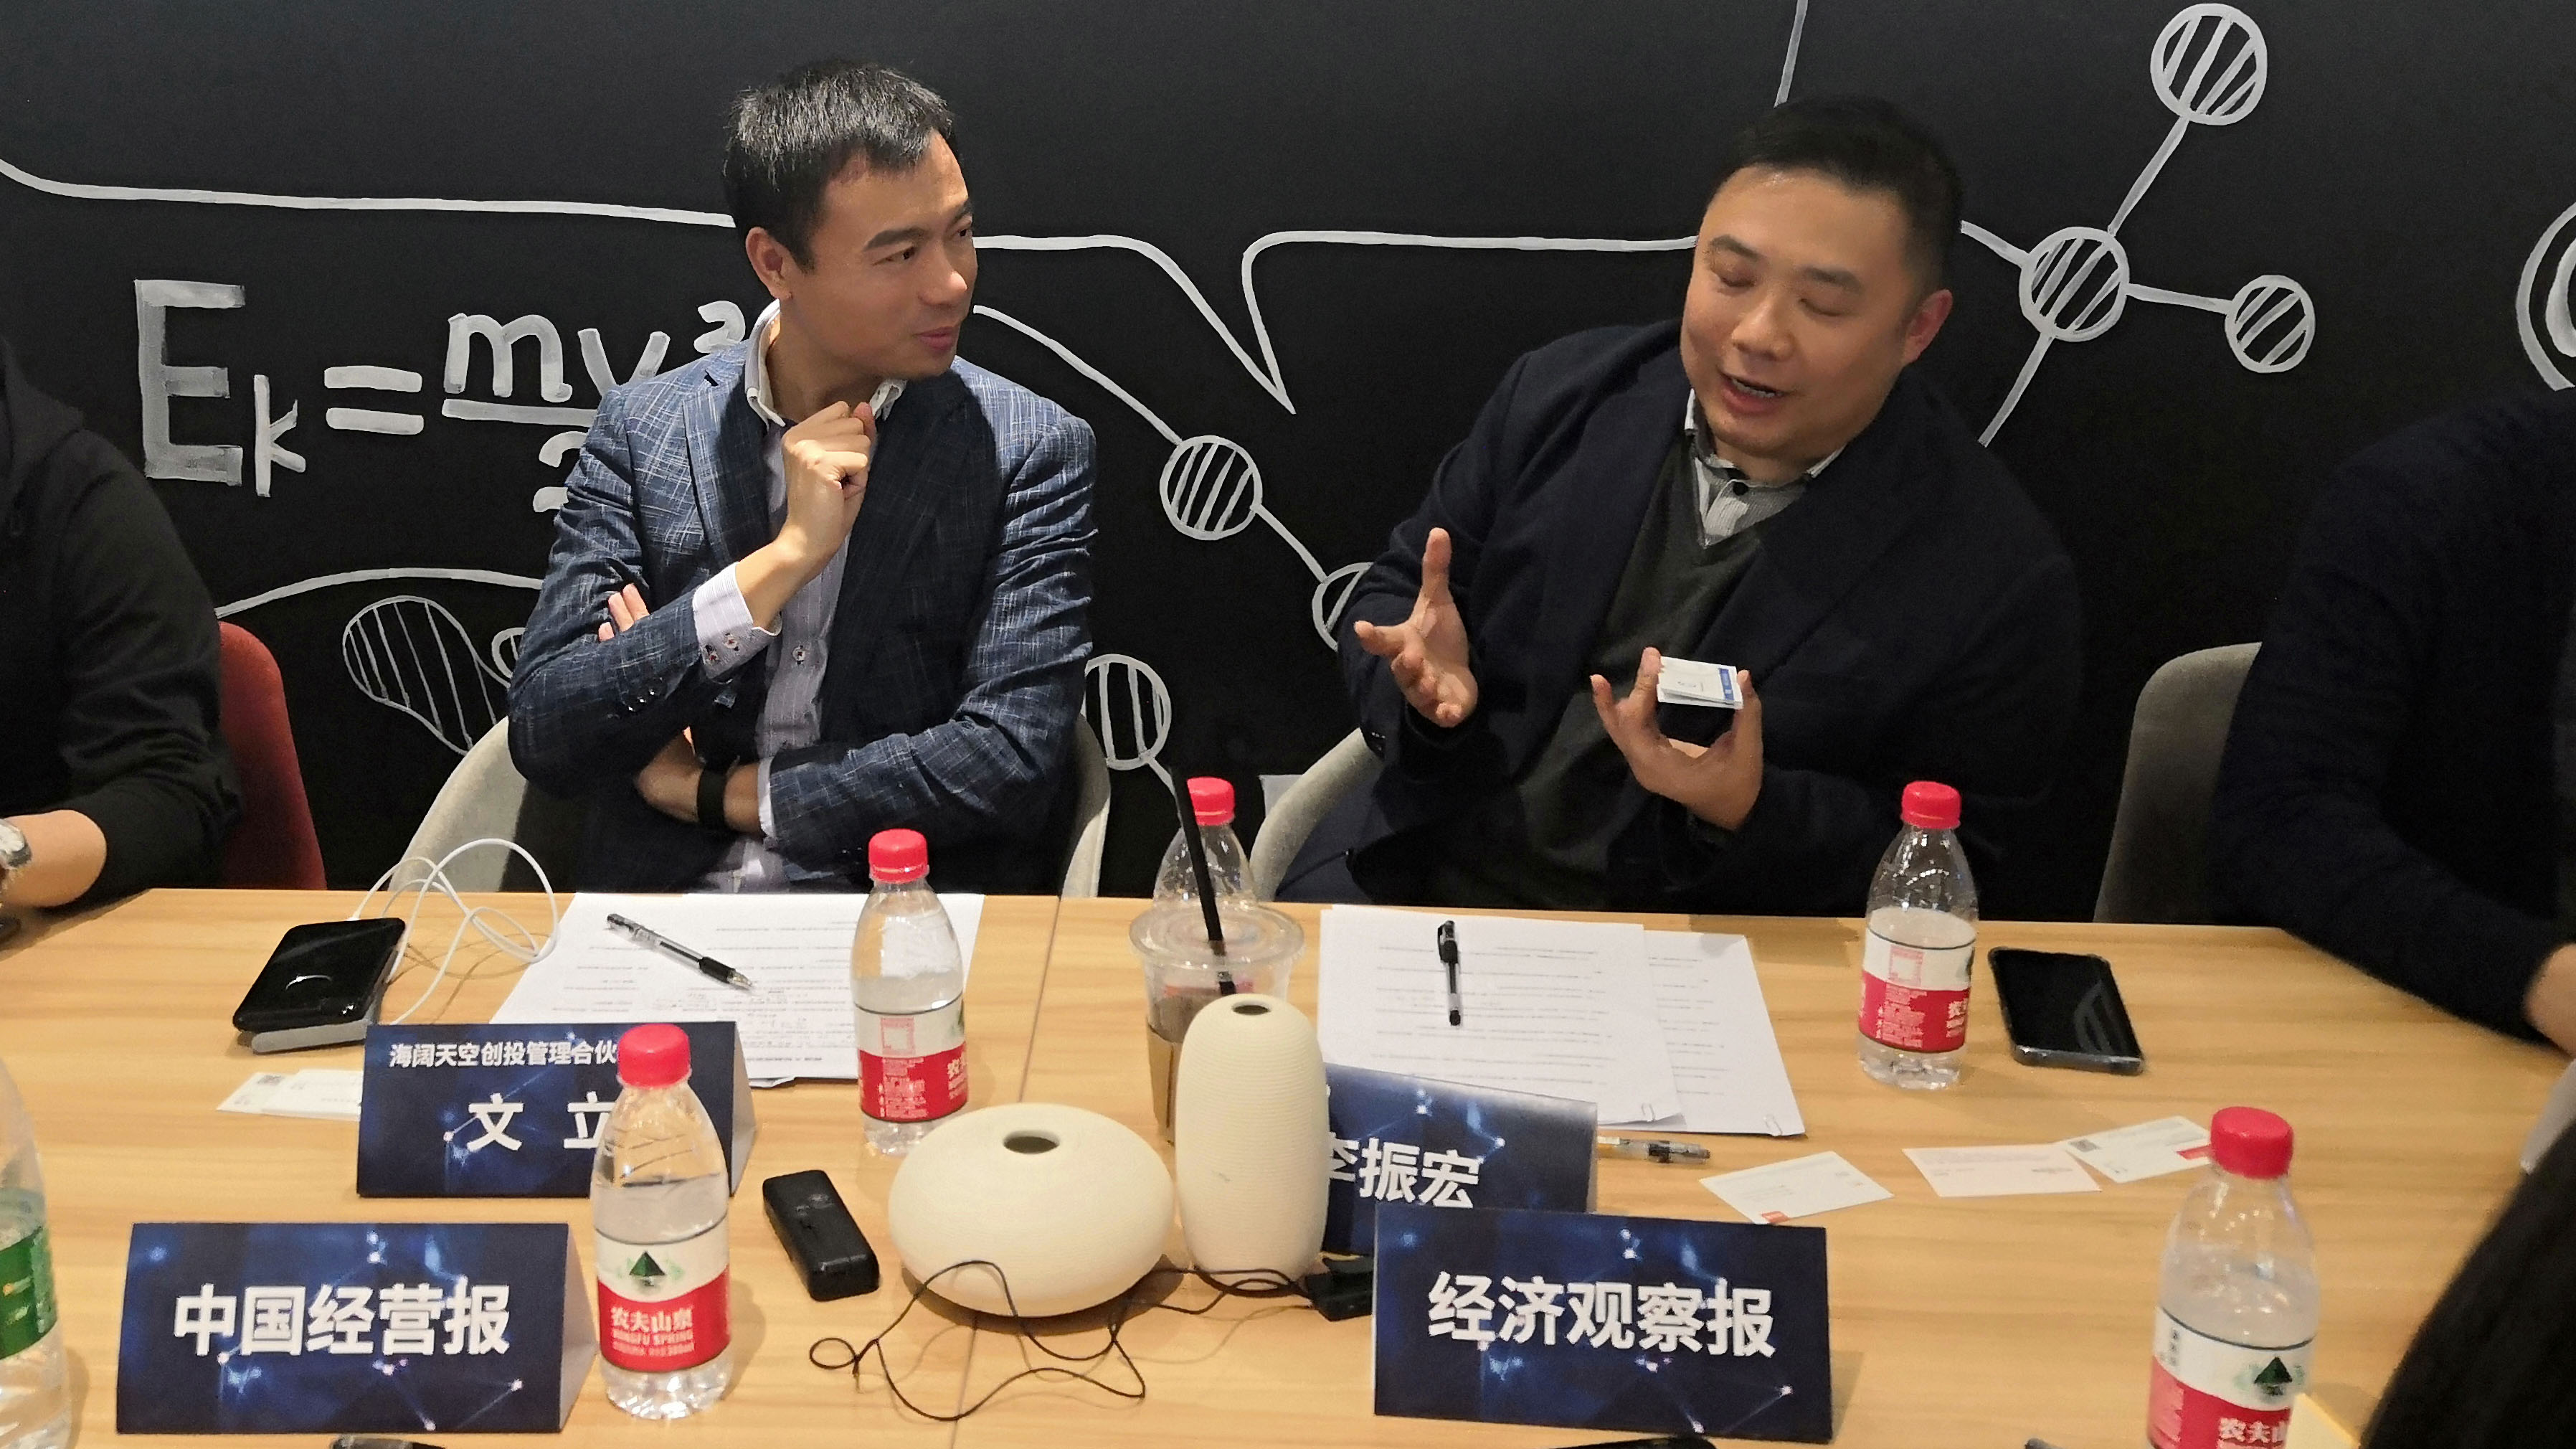 官宣:餐道完成1亿元A轮融资,连接器思维引领餐饮新零售方向